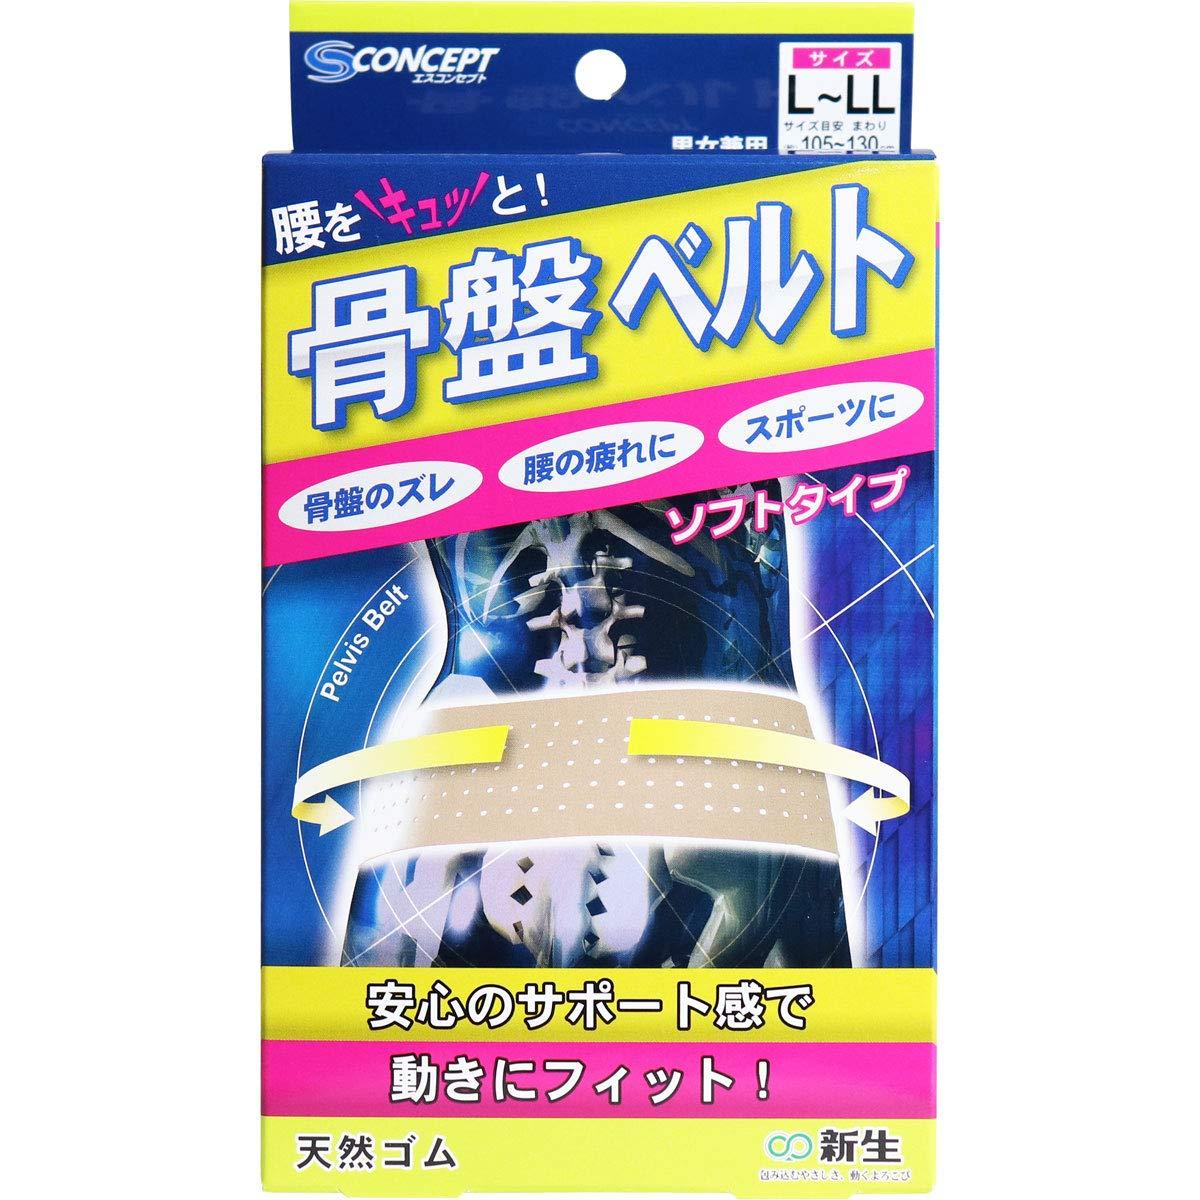 骨盤ベルト ソフトタイプ L-LLサイズ×5個セット B07RRMWLC6